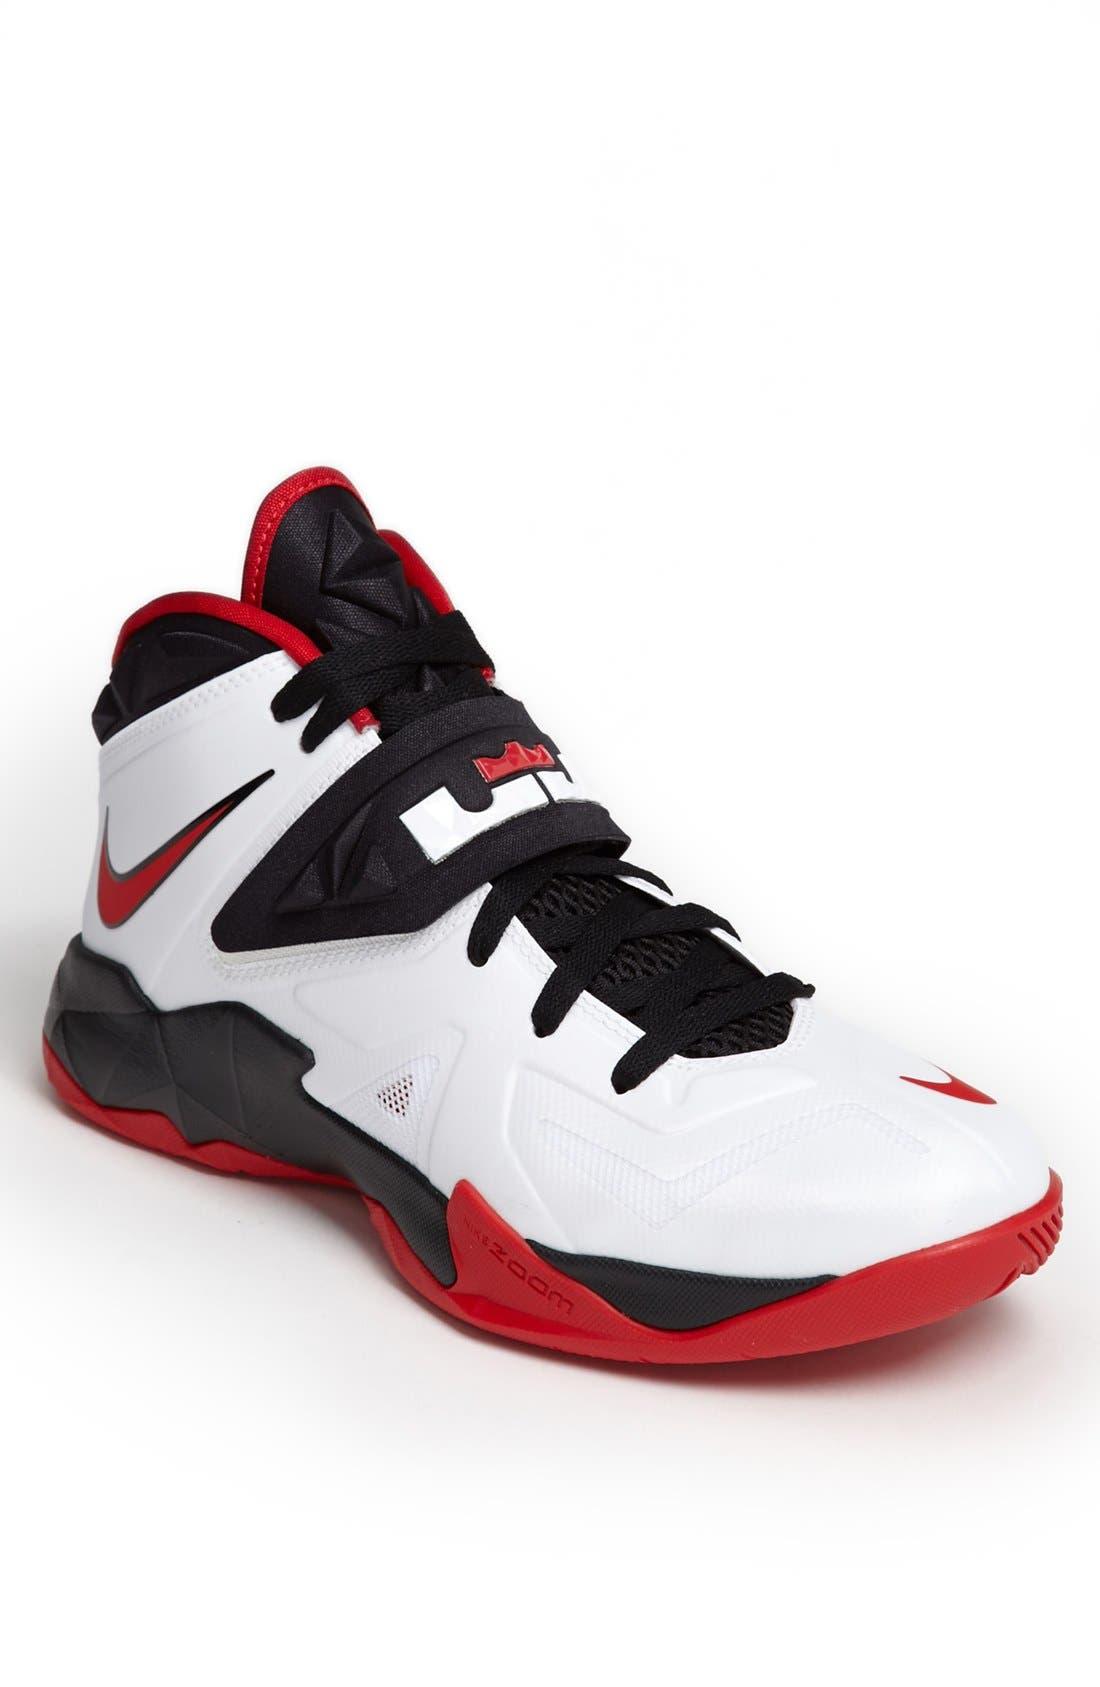 Main Image - Nike 'Lebron Zoom Soldier VII' Basketball Shoe (Men)